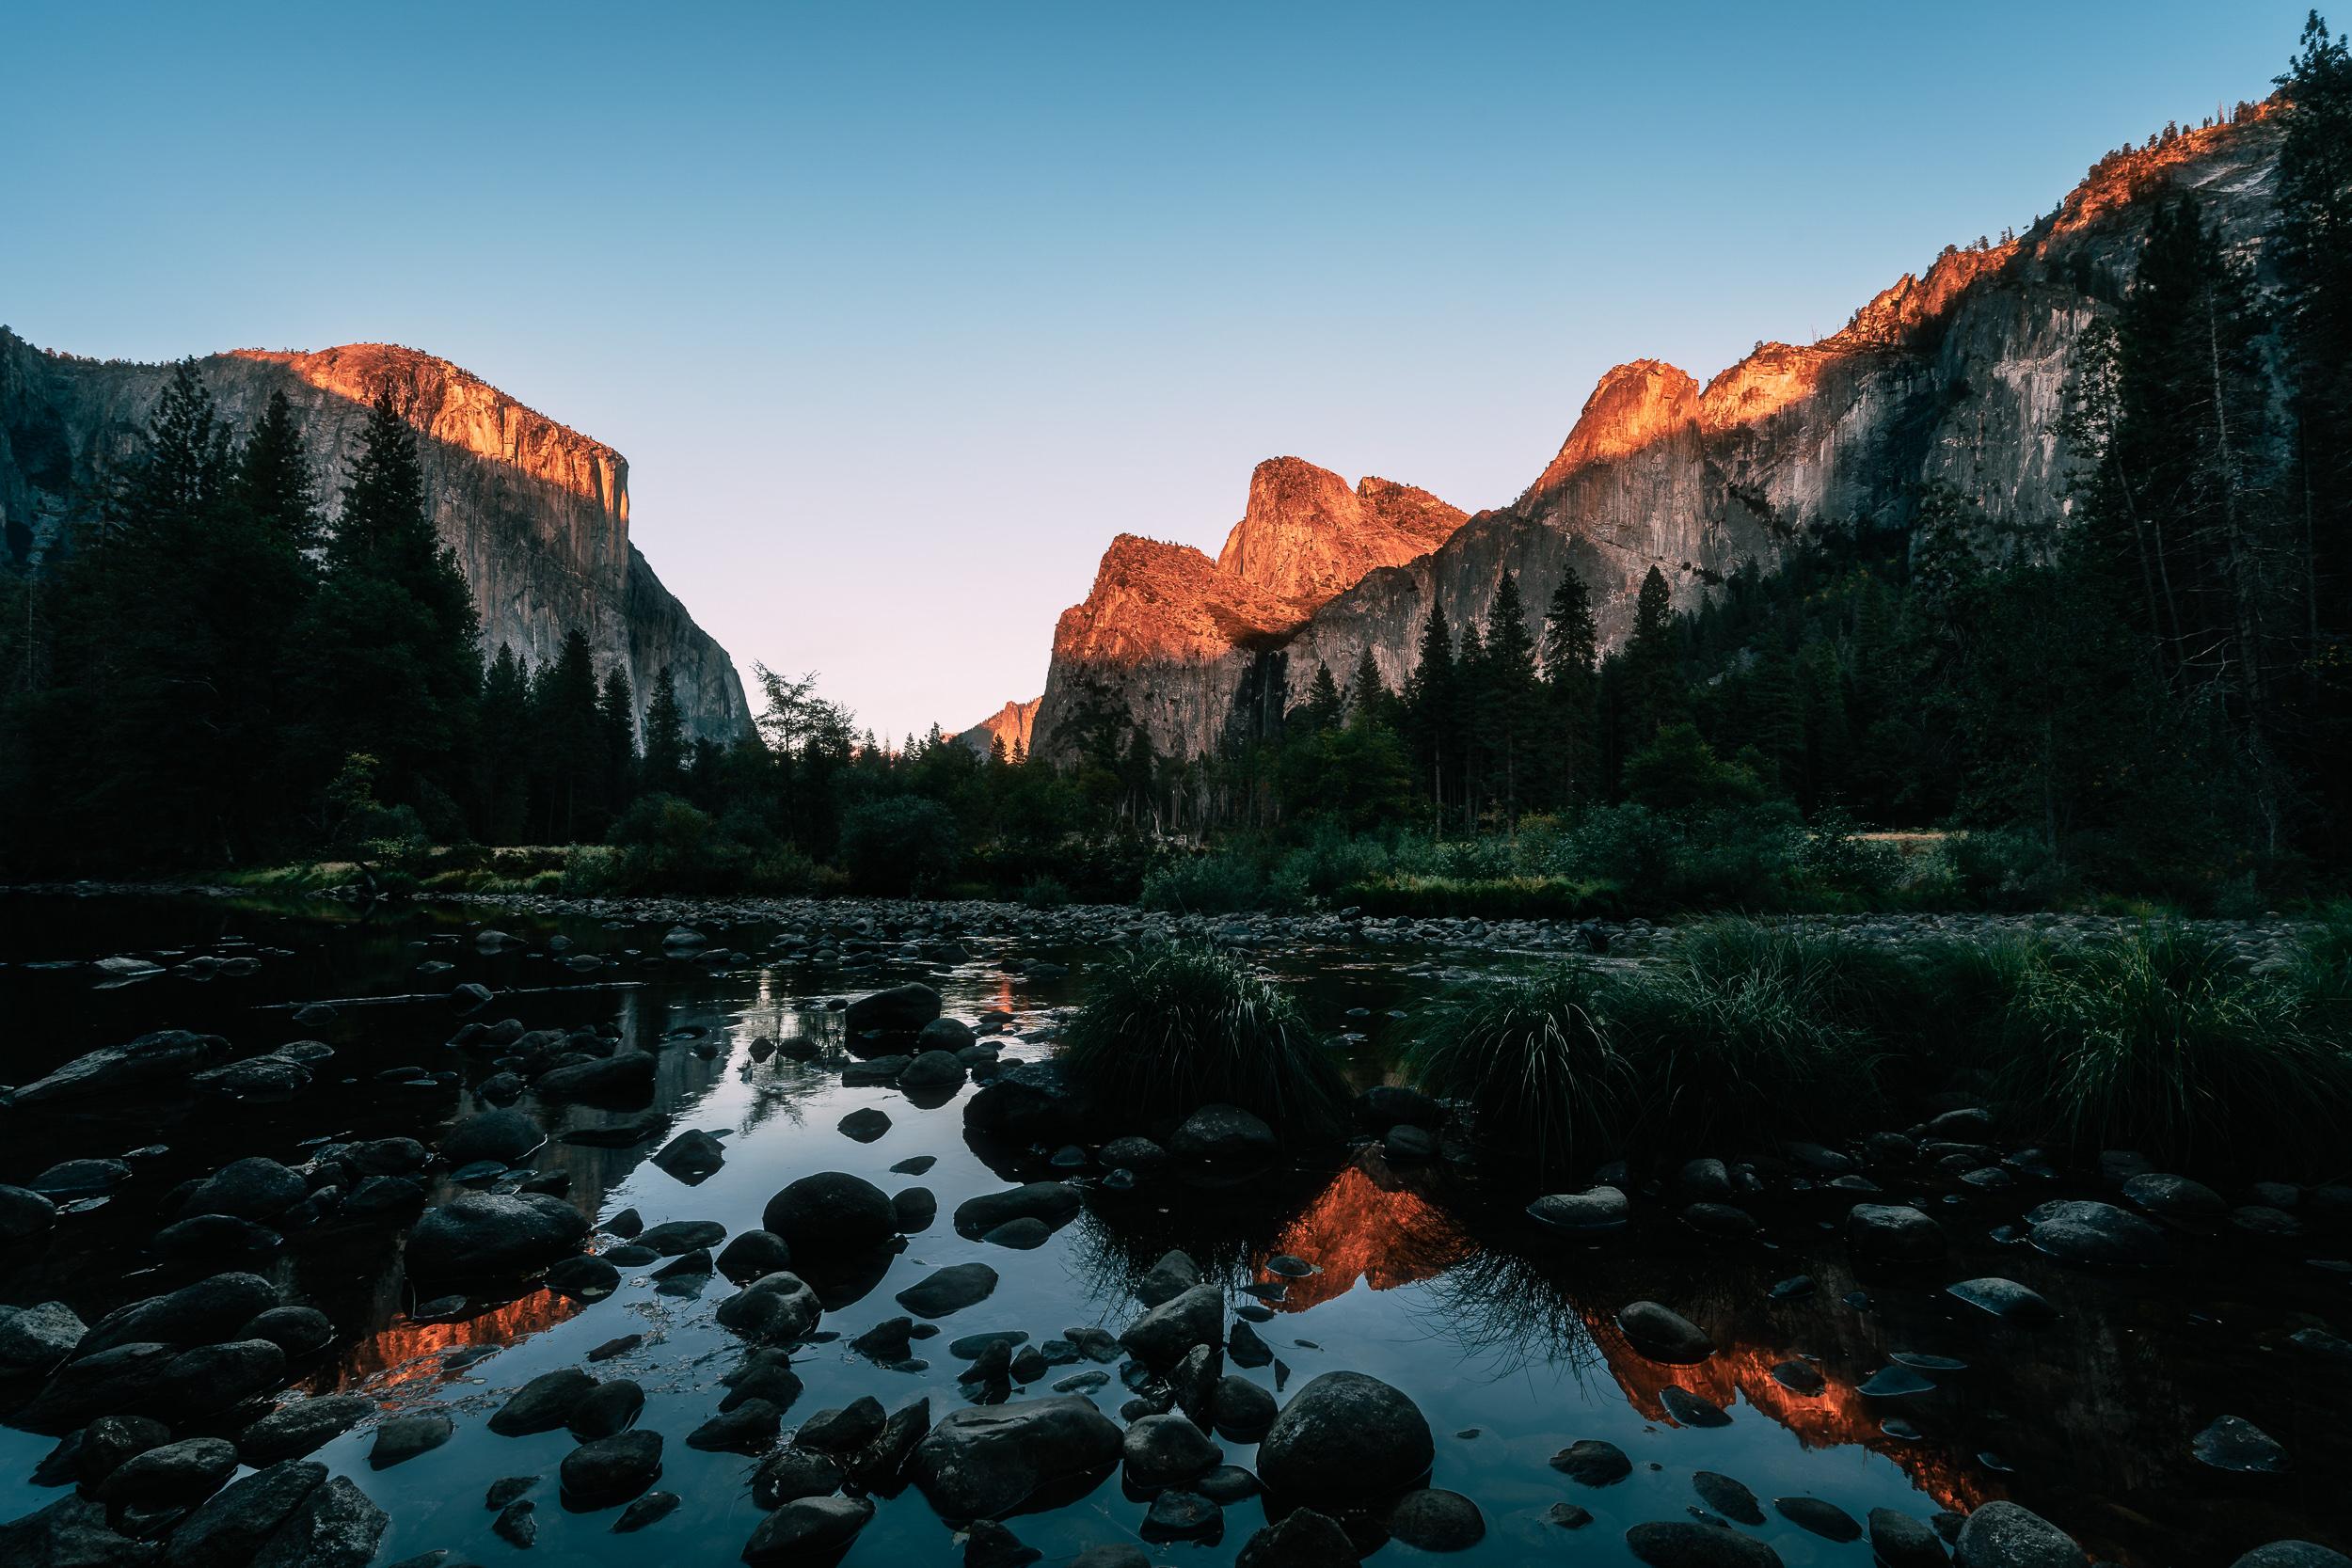 2018.09.25_California_En_Route_Yosemite-6116-Edit.jpg